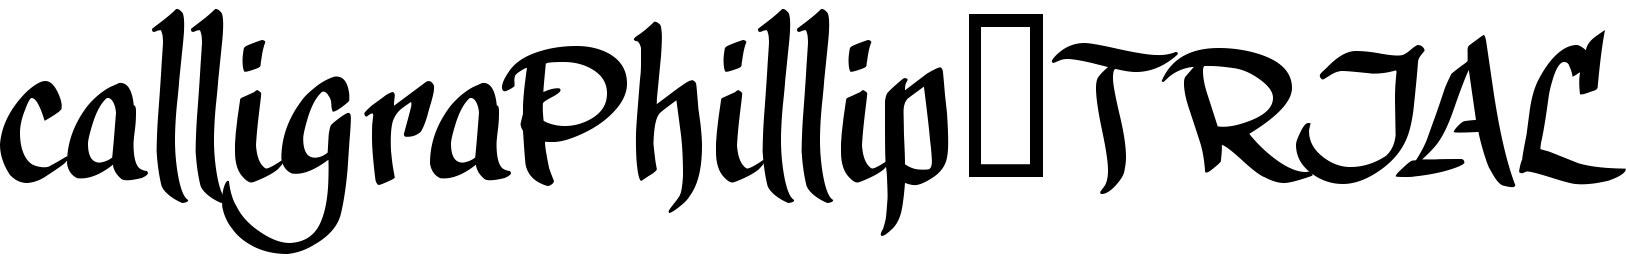 calligraPhillip_TRIAL